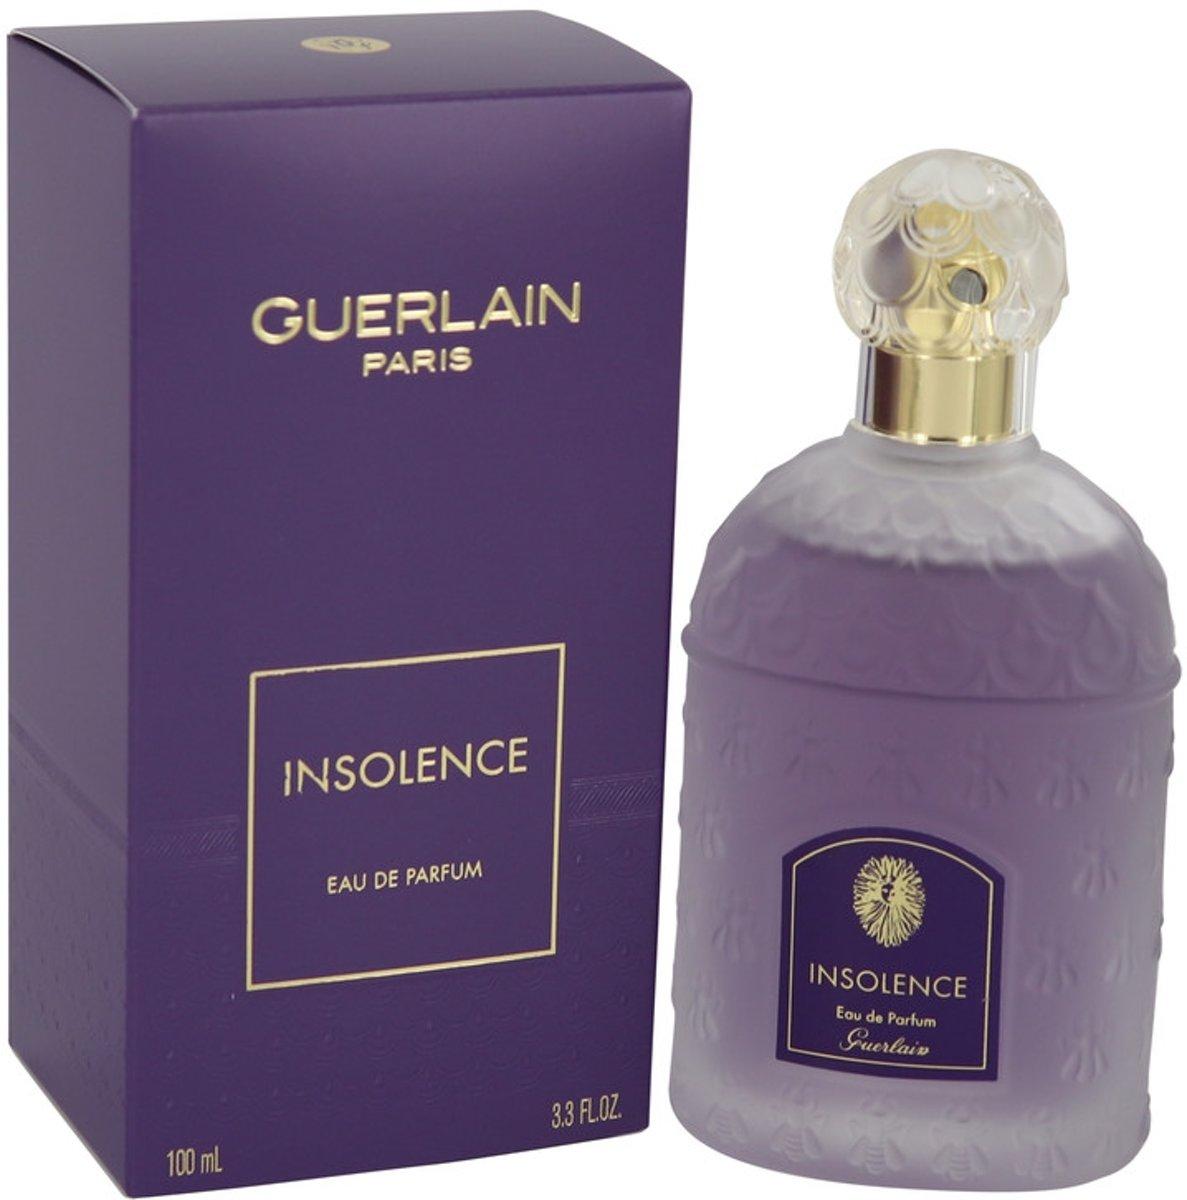 Guerlain Insolence 100 ml Eau de Parfum